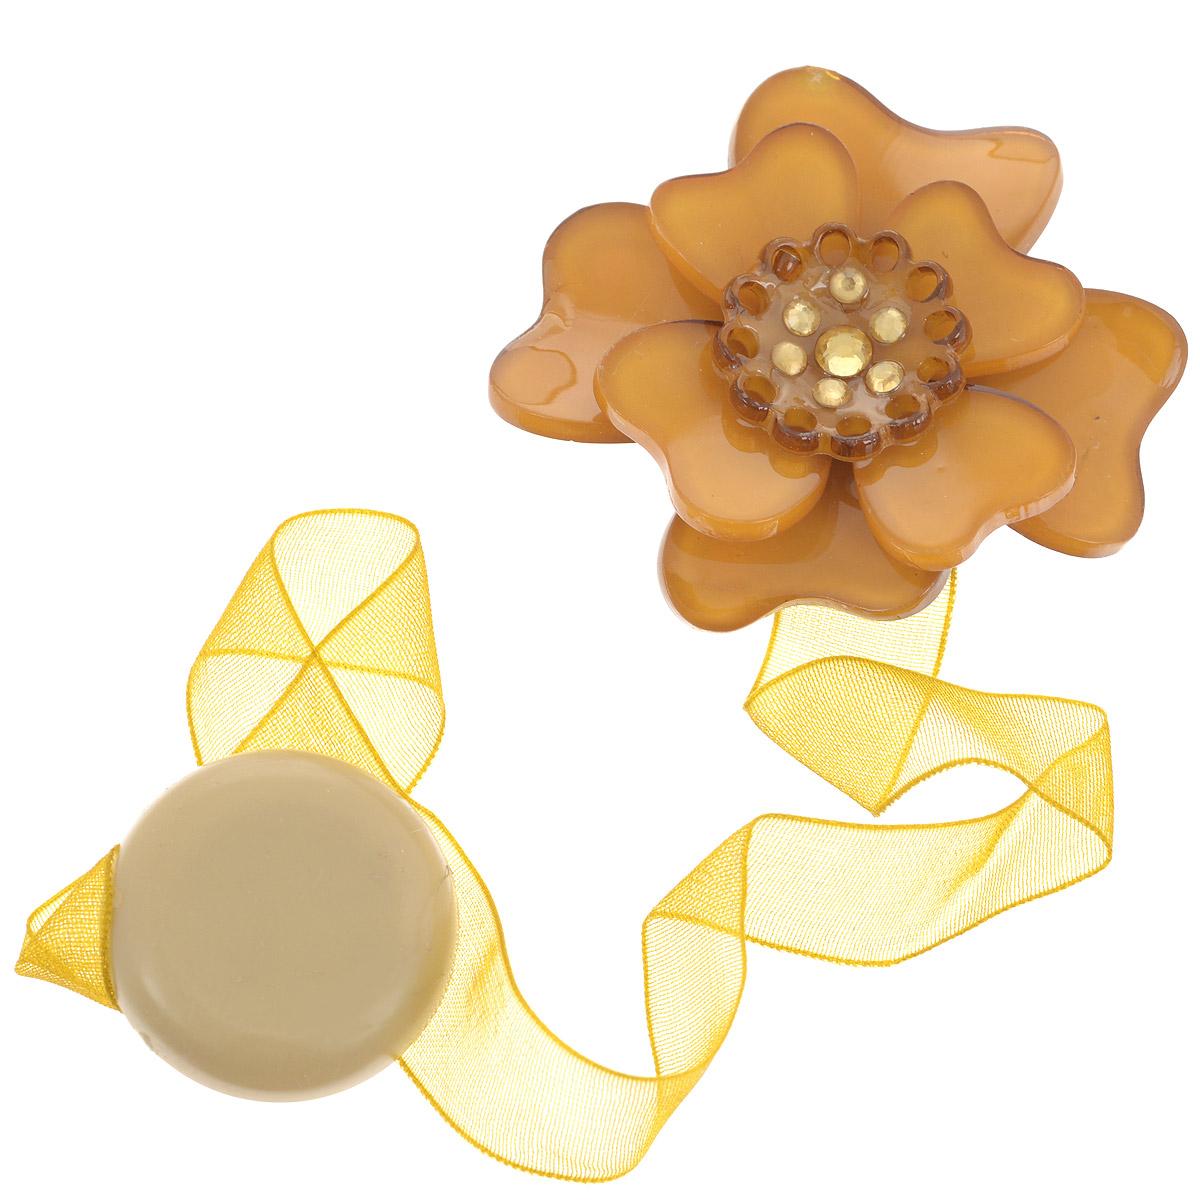 Клипса-магнит для штор Calamita Fiore, цвет: карамельный, золотистый. 7704008_7077704008_707Клипса-магнит Calamita Fiore, изготовленная из пластика и текстиля, предназначена для придания формы шторам. Изделие представляет собой два магнита, расположенных на разных концах текстильной ленты. Один из магнитов оформлен декоративным цветком и украшен стразами. С помощью такой магнитной клипсы можно зафиксировать портьеры, придать им требуемое положение, сделать складки симметричными или приблизить портьеры, скрепить их. Клипсы для штор являются универсальным изделием, которое превосходно подойдет как для штор в детской комнате, так и для штор в гостиной. Следует отметить, что клипсы для штор выполняют не только практическую функцию, но также являются одной из основных деталей декора этого изделия, которая придает шторам восхитительный, стильный внешний вид. Материал: пластик, полиэстер, магнит. Диаметр декоративного цветка: 5 см. Диаметр магнита: 2,5 см. Длина ленты: 28 см.